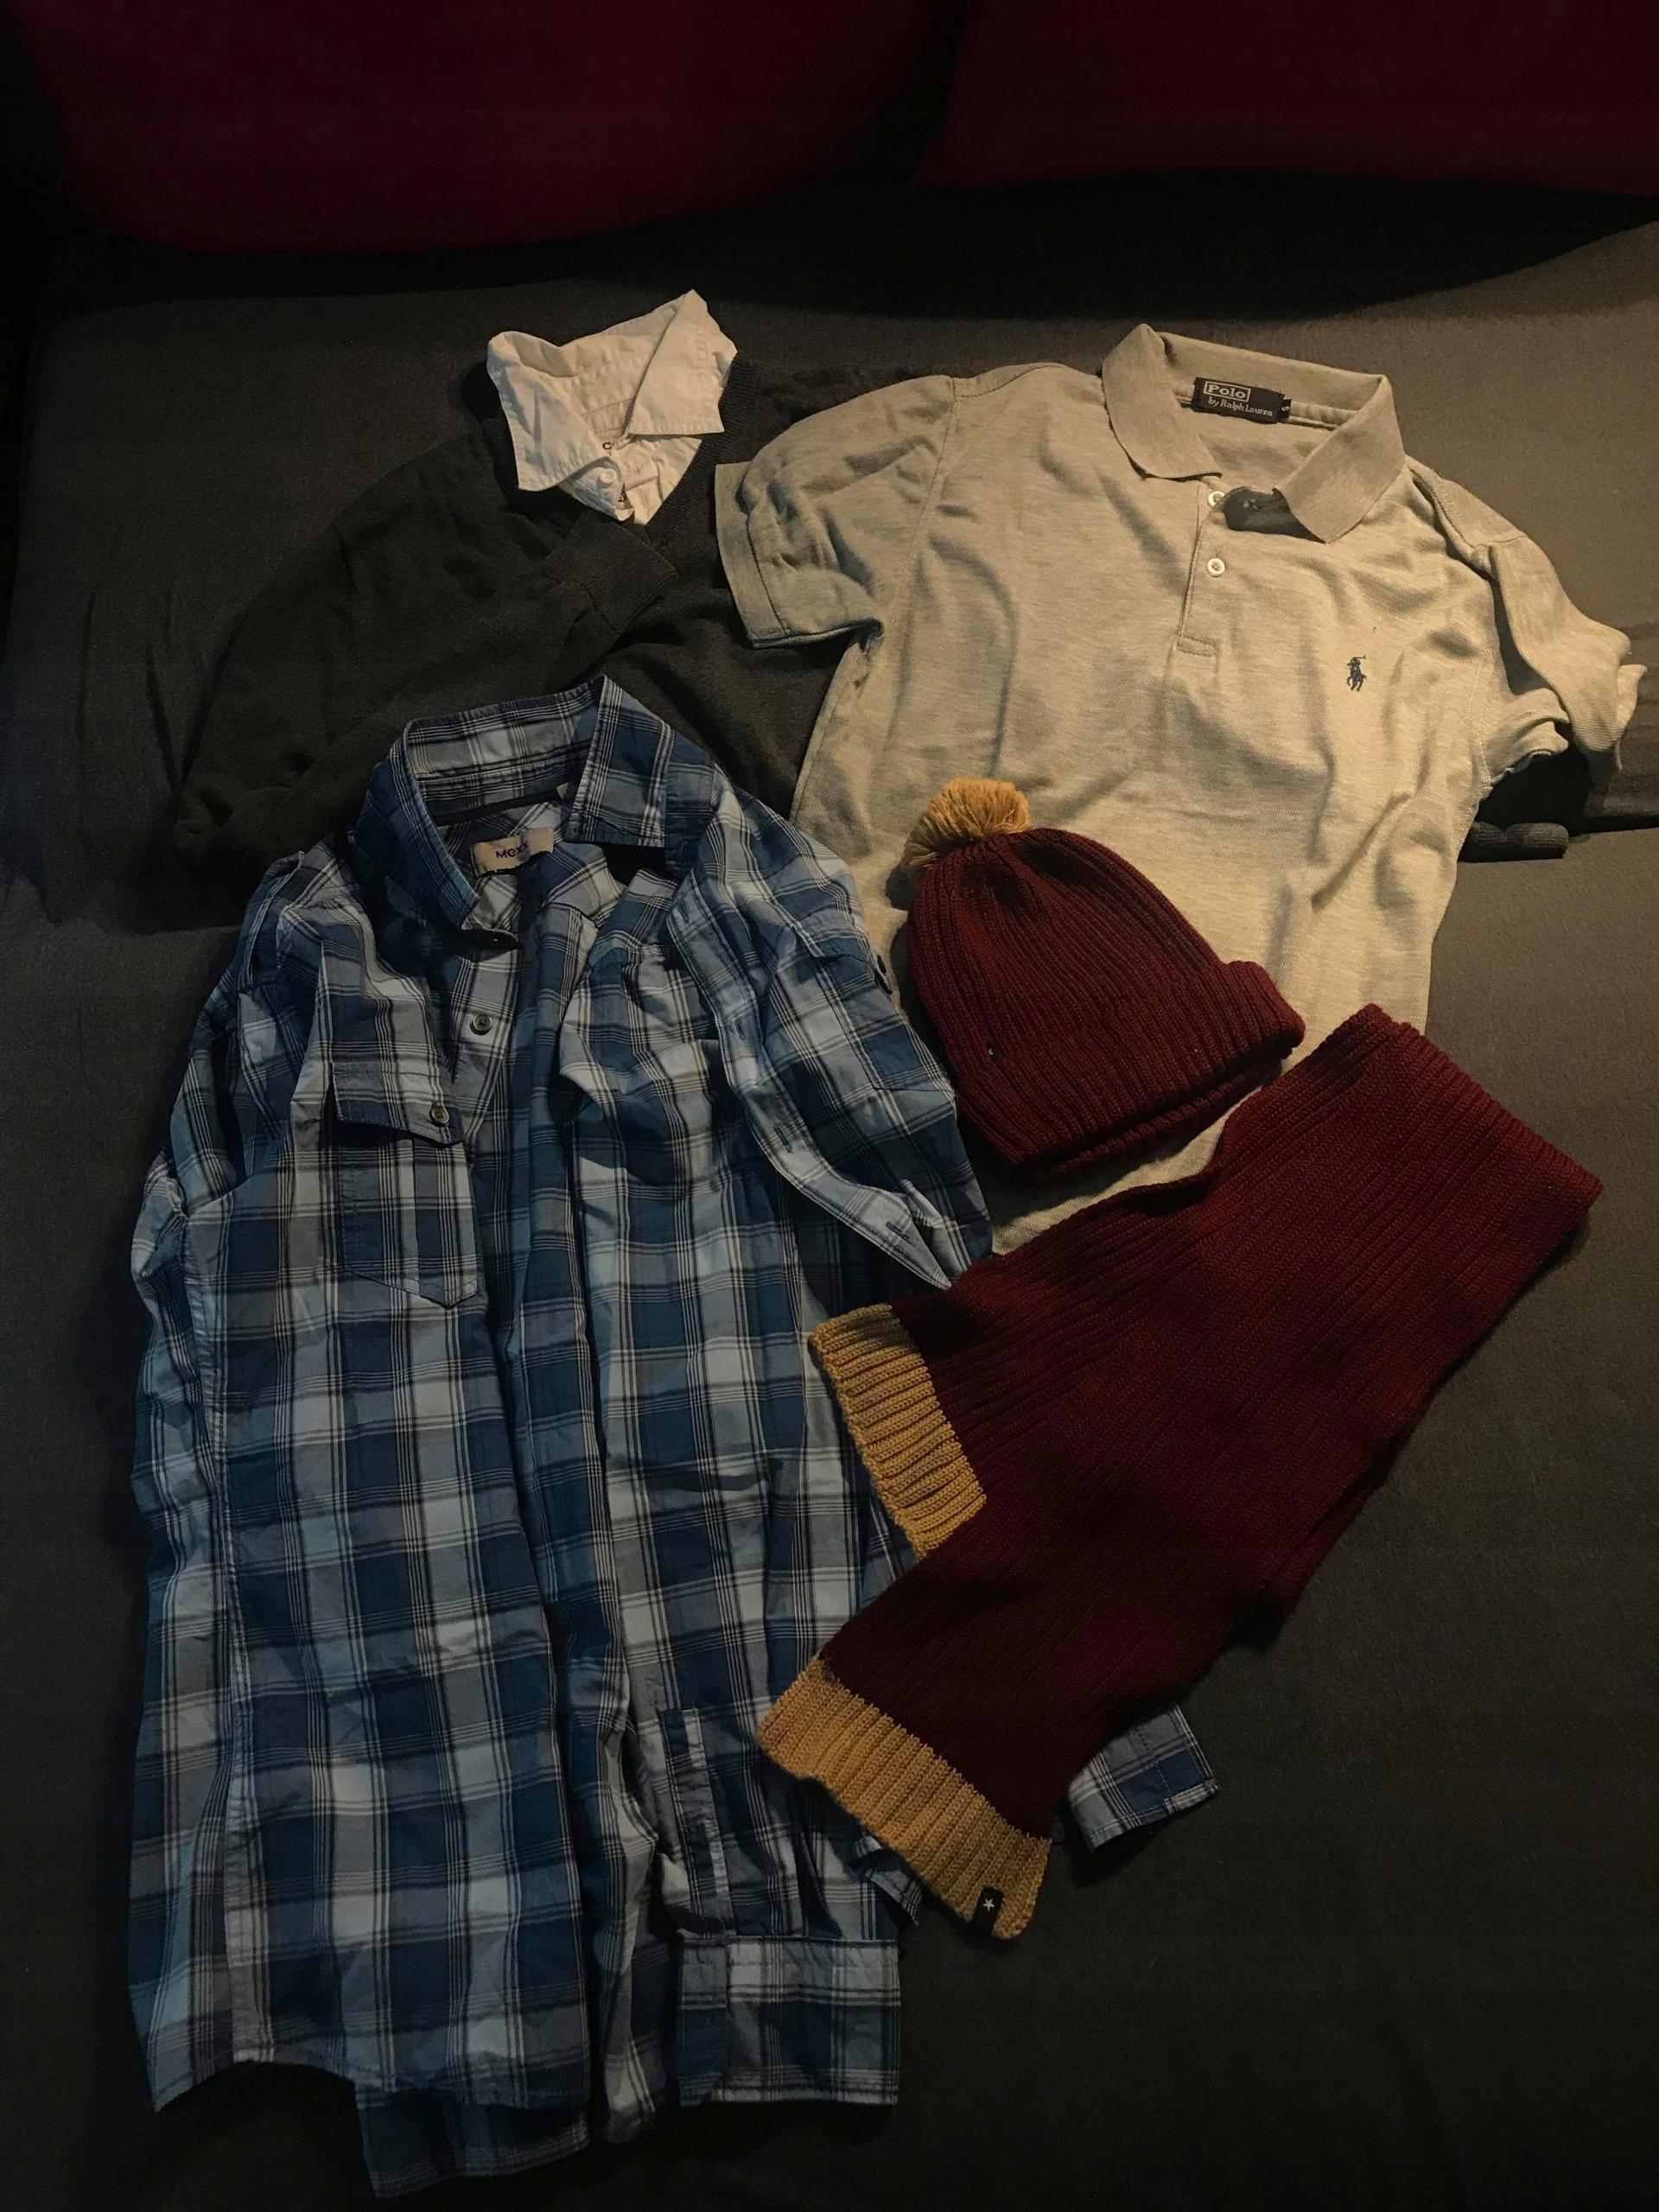 Zestaw ubrań chłopaka koszulka sweter polo szalik